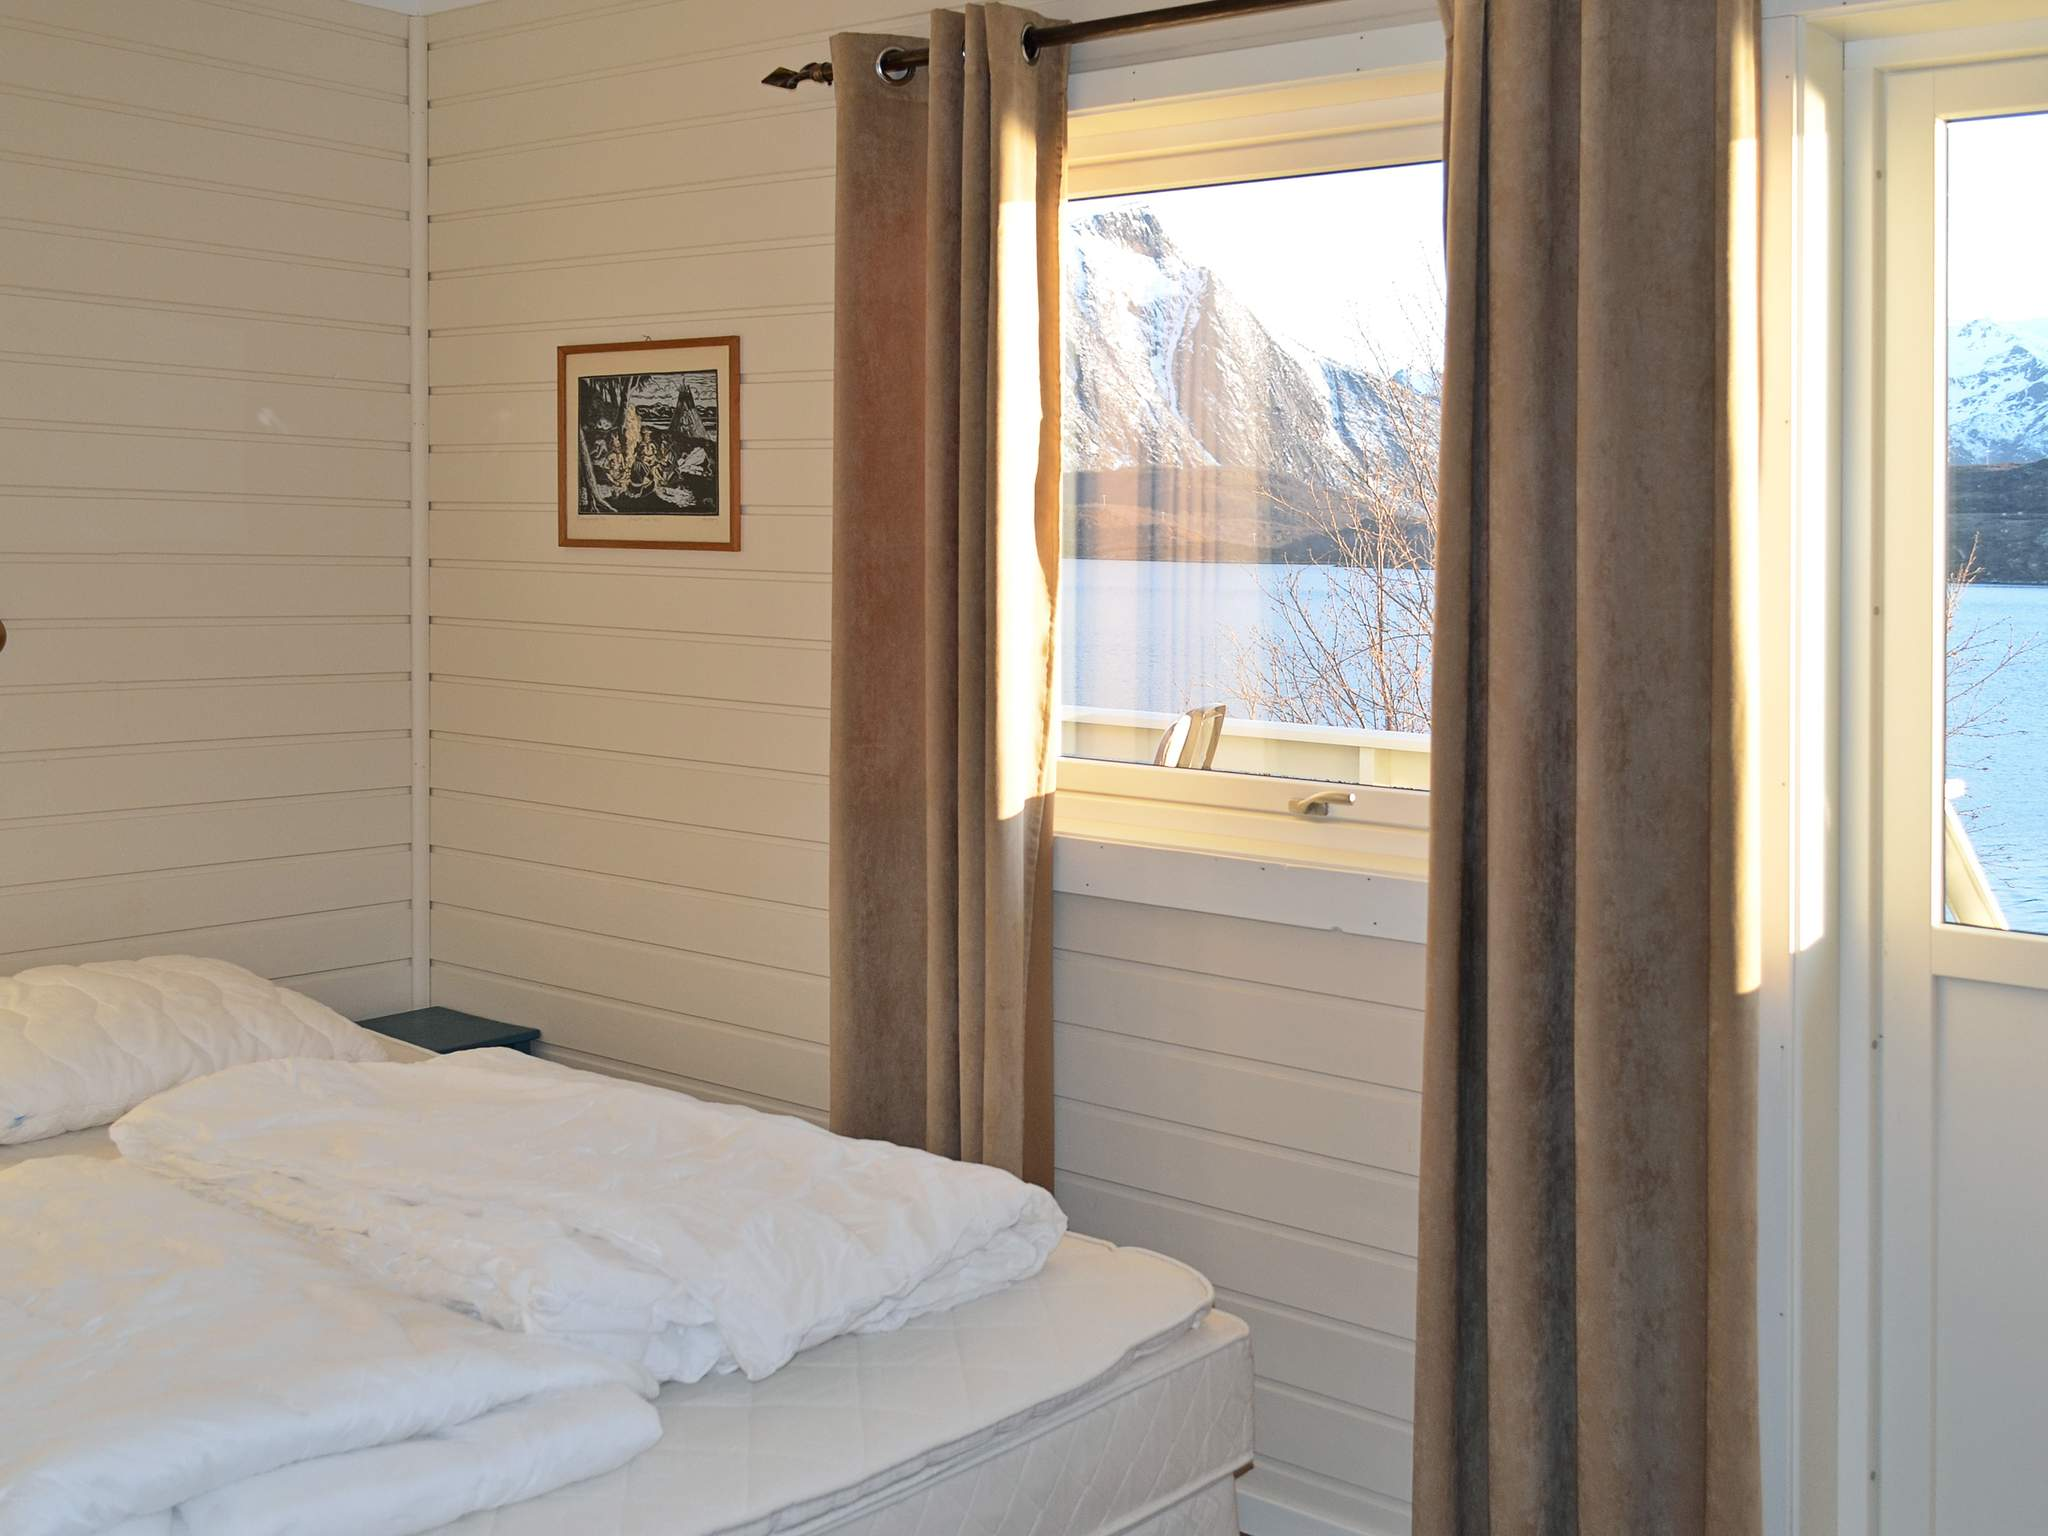 Ferienhaus Lofoten (135385), Laukvik, , Nordnorwegen, Norwegen, Bild 6